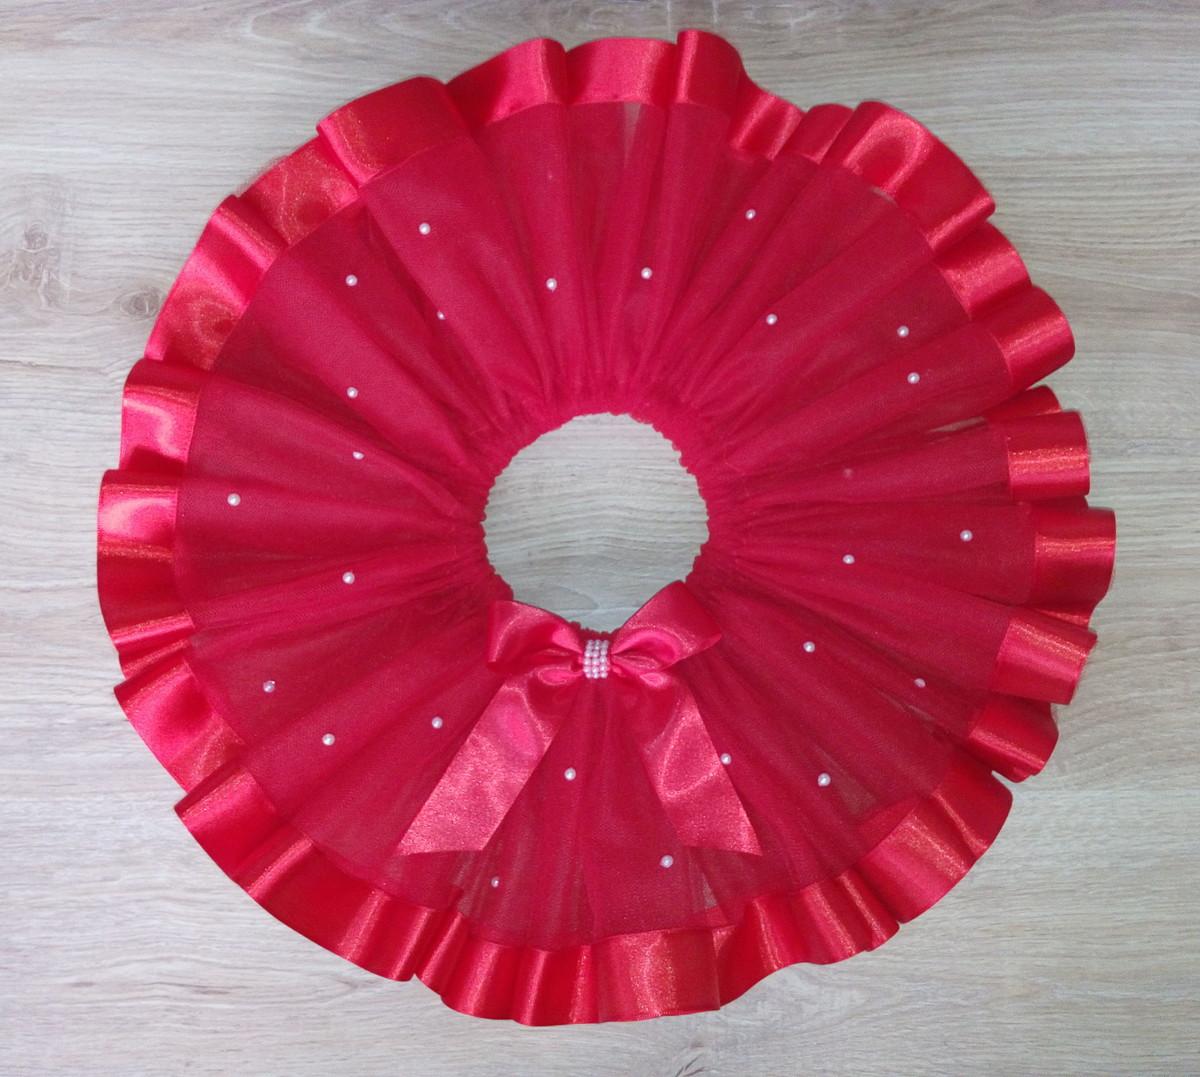 9e183ecb25 Saia tutu vermelha com fita de cetim e pérolas no Elo7